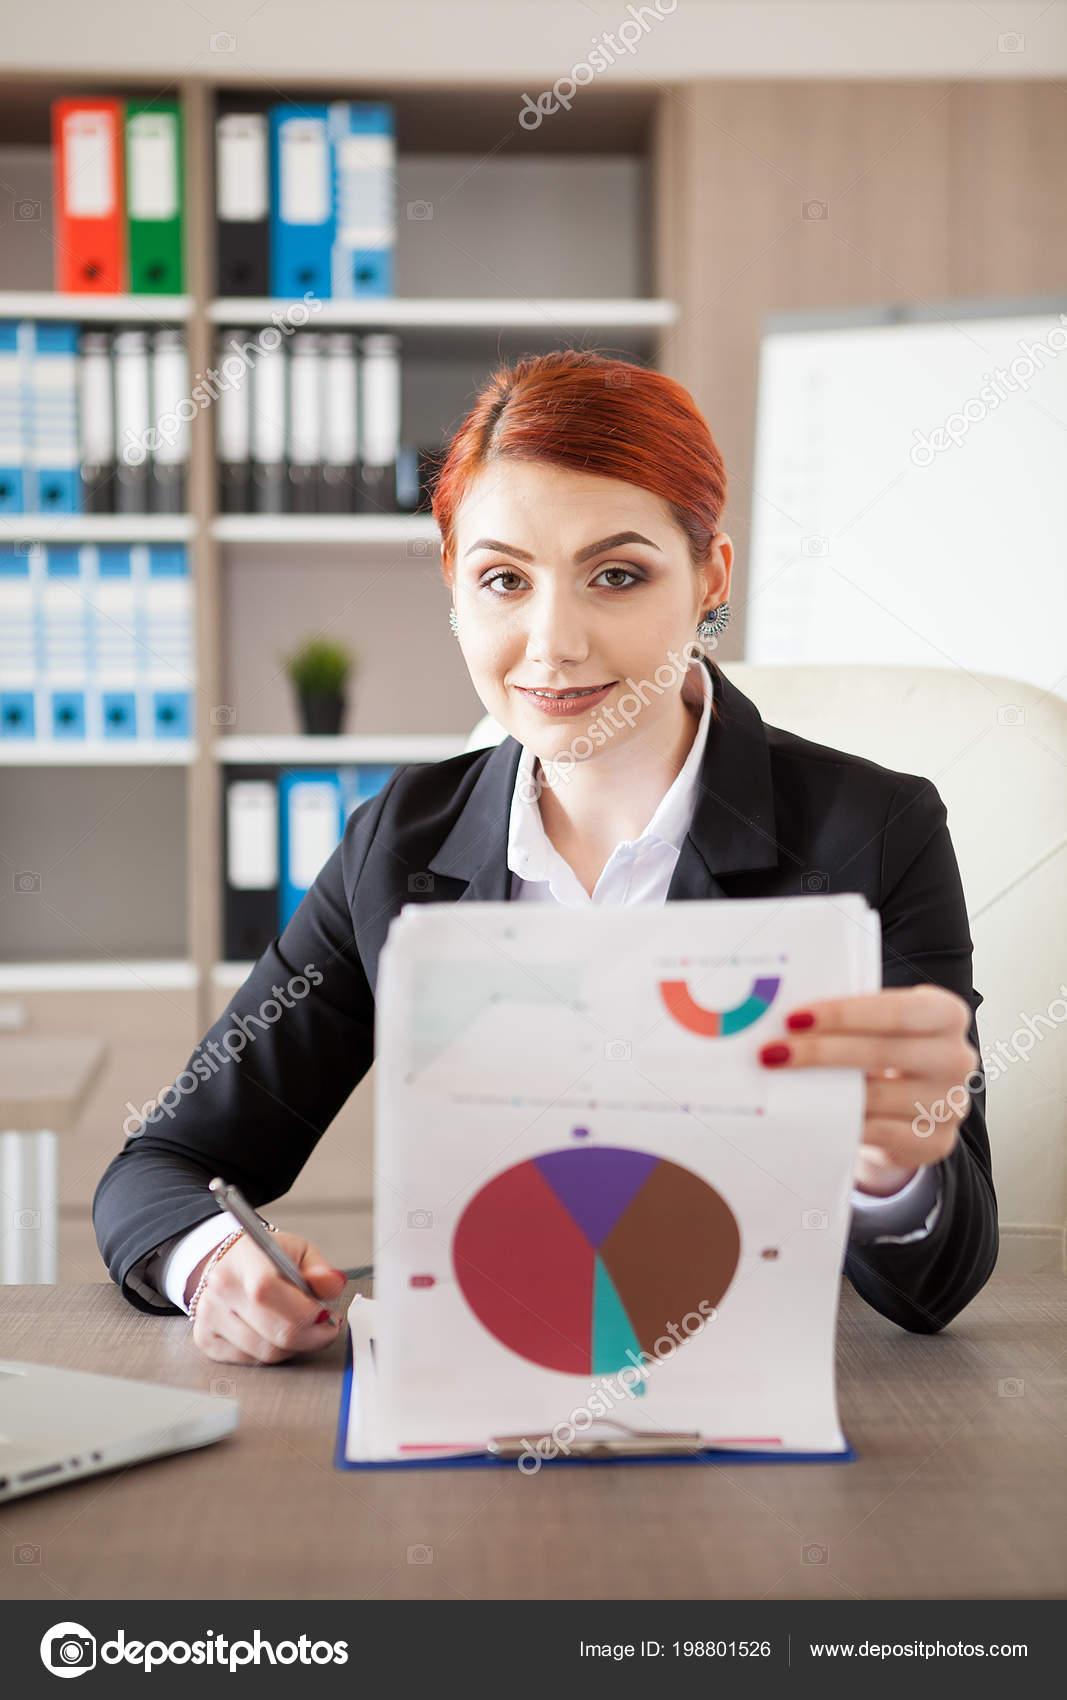 Бізнес-леді в офіційний костюм у себе в офісі дивлячись документи та  pappers з діаграмами на них– стокове зображення 4c6f004bad4b4